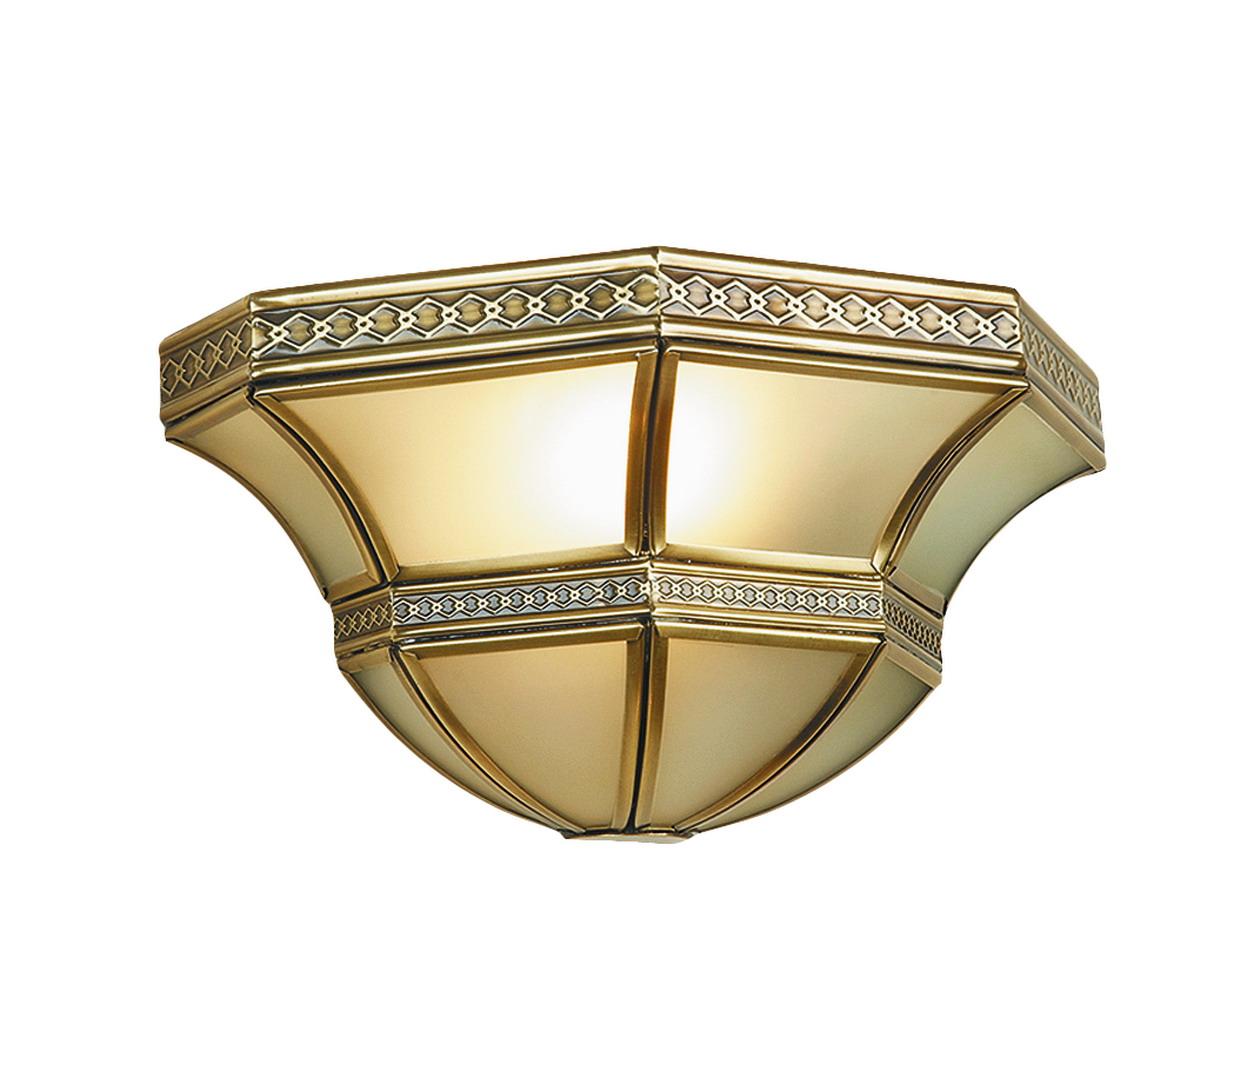 Бра МАКСИСВЕТНастенные светильники и бра<br>Тип: настенный,<br>Назначение светильника: для гостиной,<br>Стиль светильника: модерн,<br>Материал светильника: металл, стекло,<br>Тип лампы: накаливания,<br>Количество ламп: 1,<br>Мощность: 40,<br>Патрон: Е14,<br>Цвет арматуры: медь,<br>Ширина: 130,<br>Высота: 290,<br>Удаление от стены: 120<br>